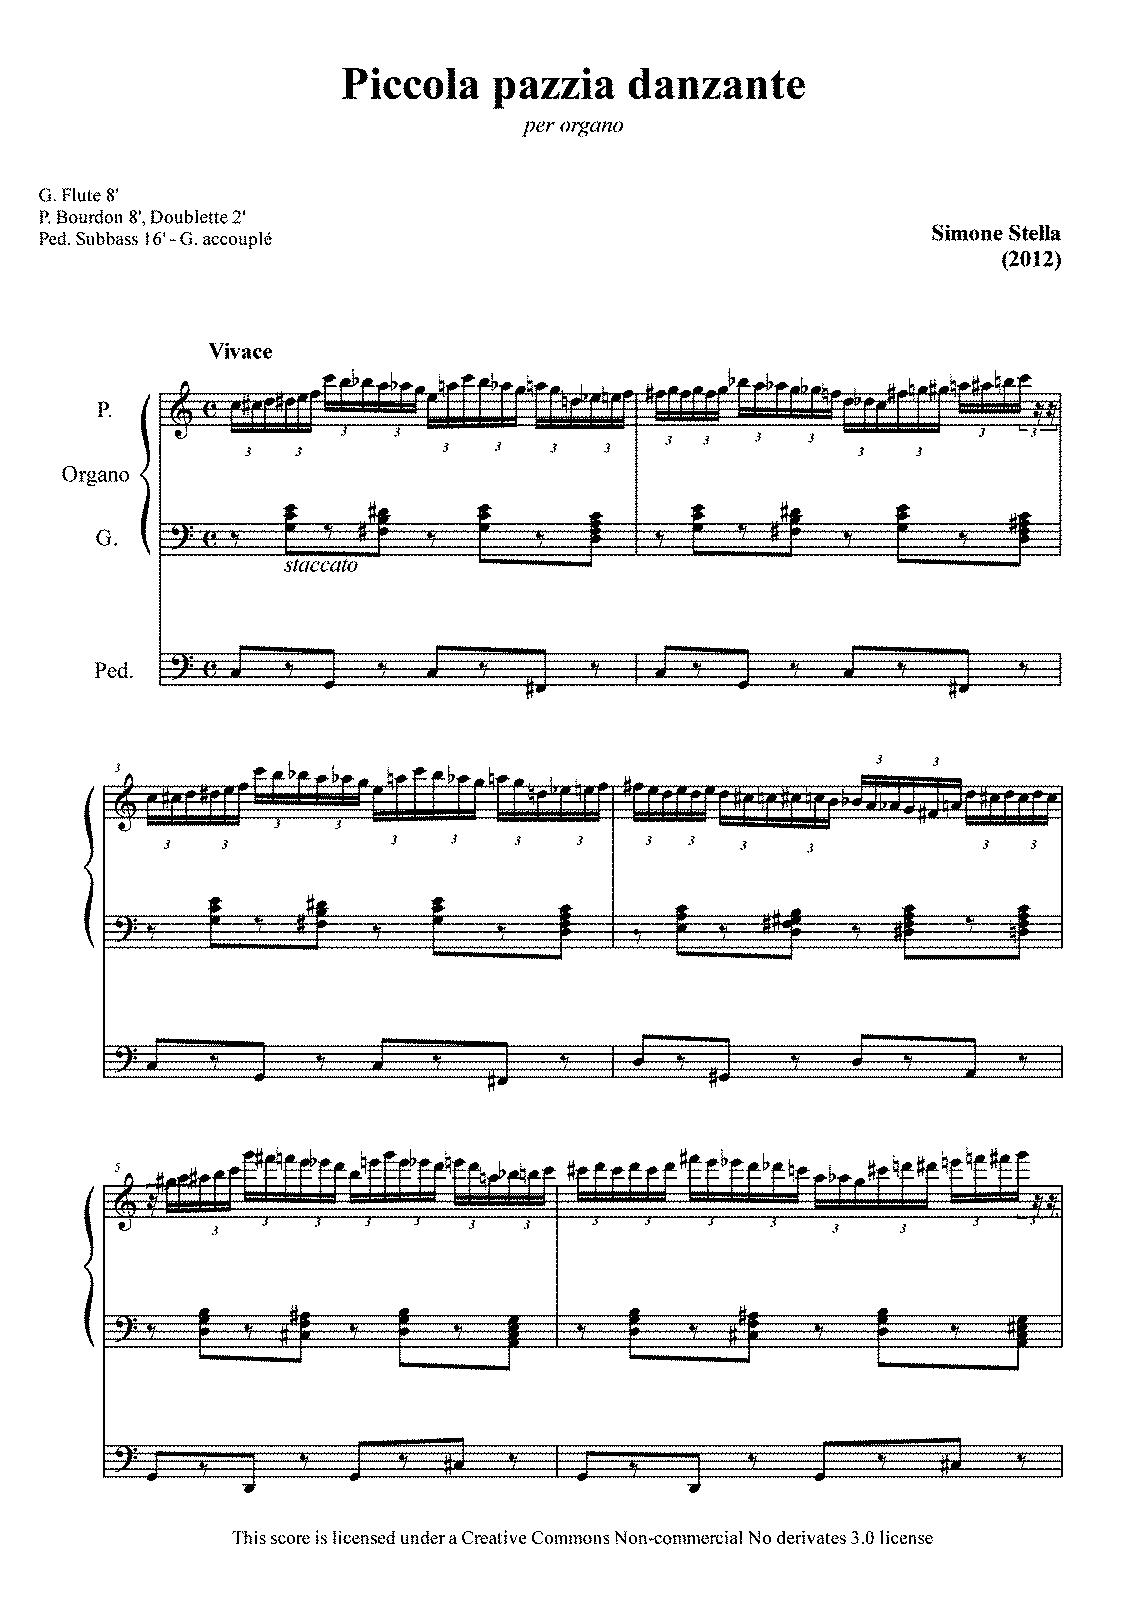 Piccola pazzìa danzante (Stella, Simone) - IMSLP/Petrucci